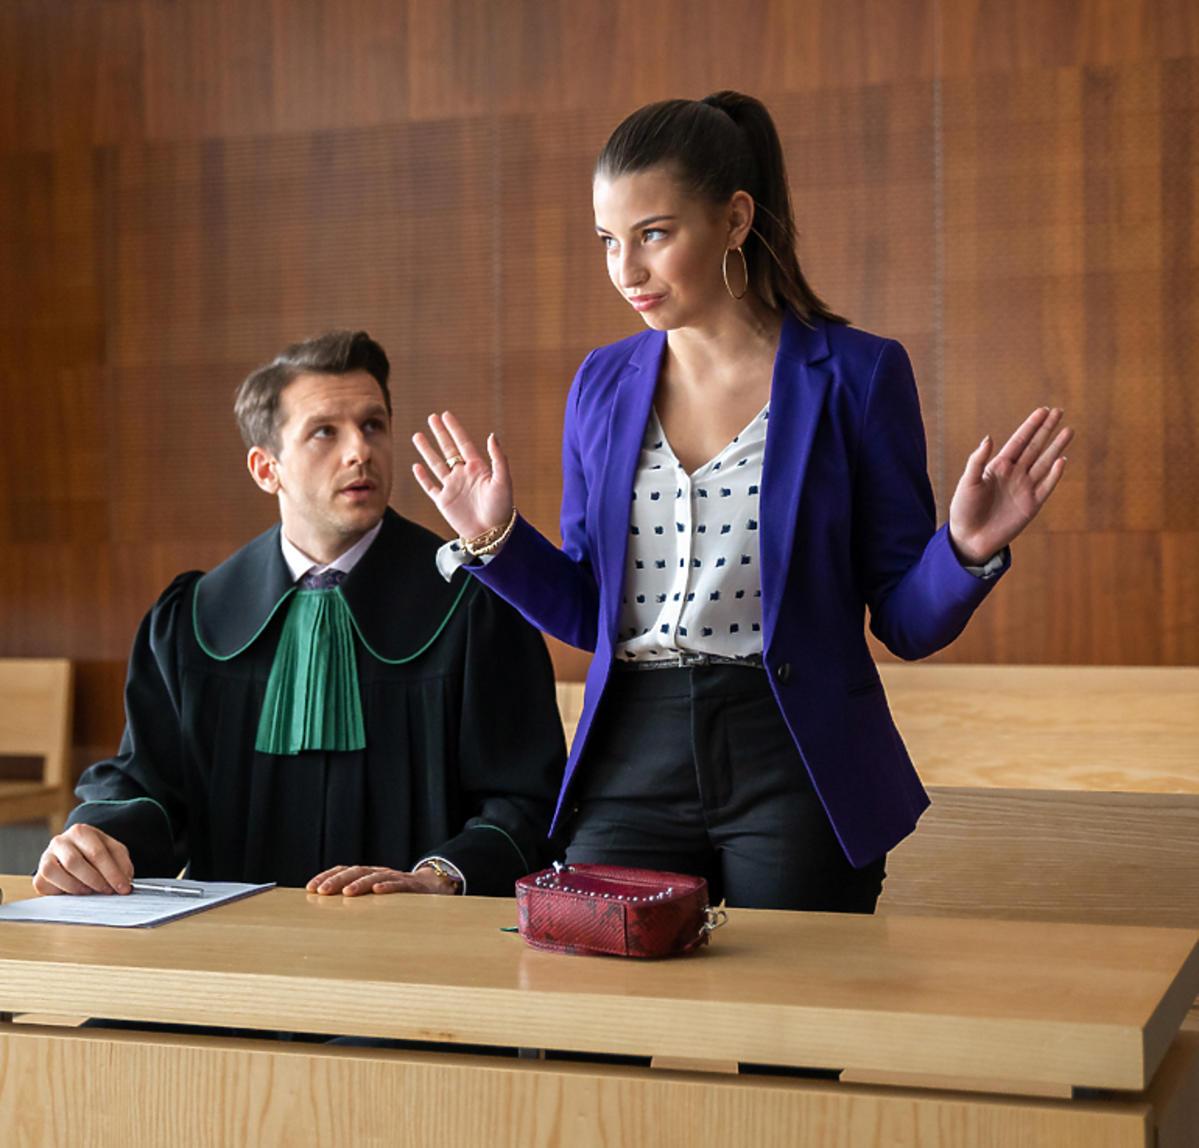 Ada wybucha w sądzie - fragment